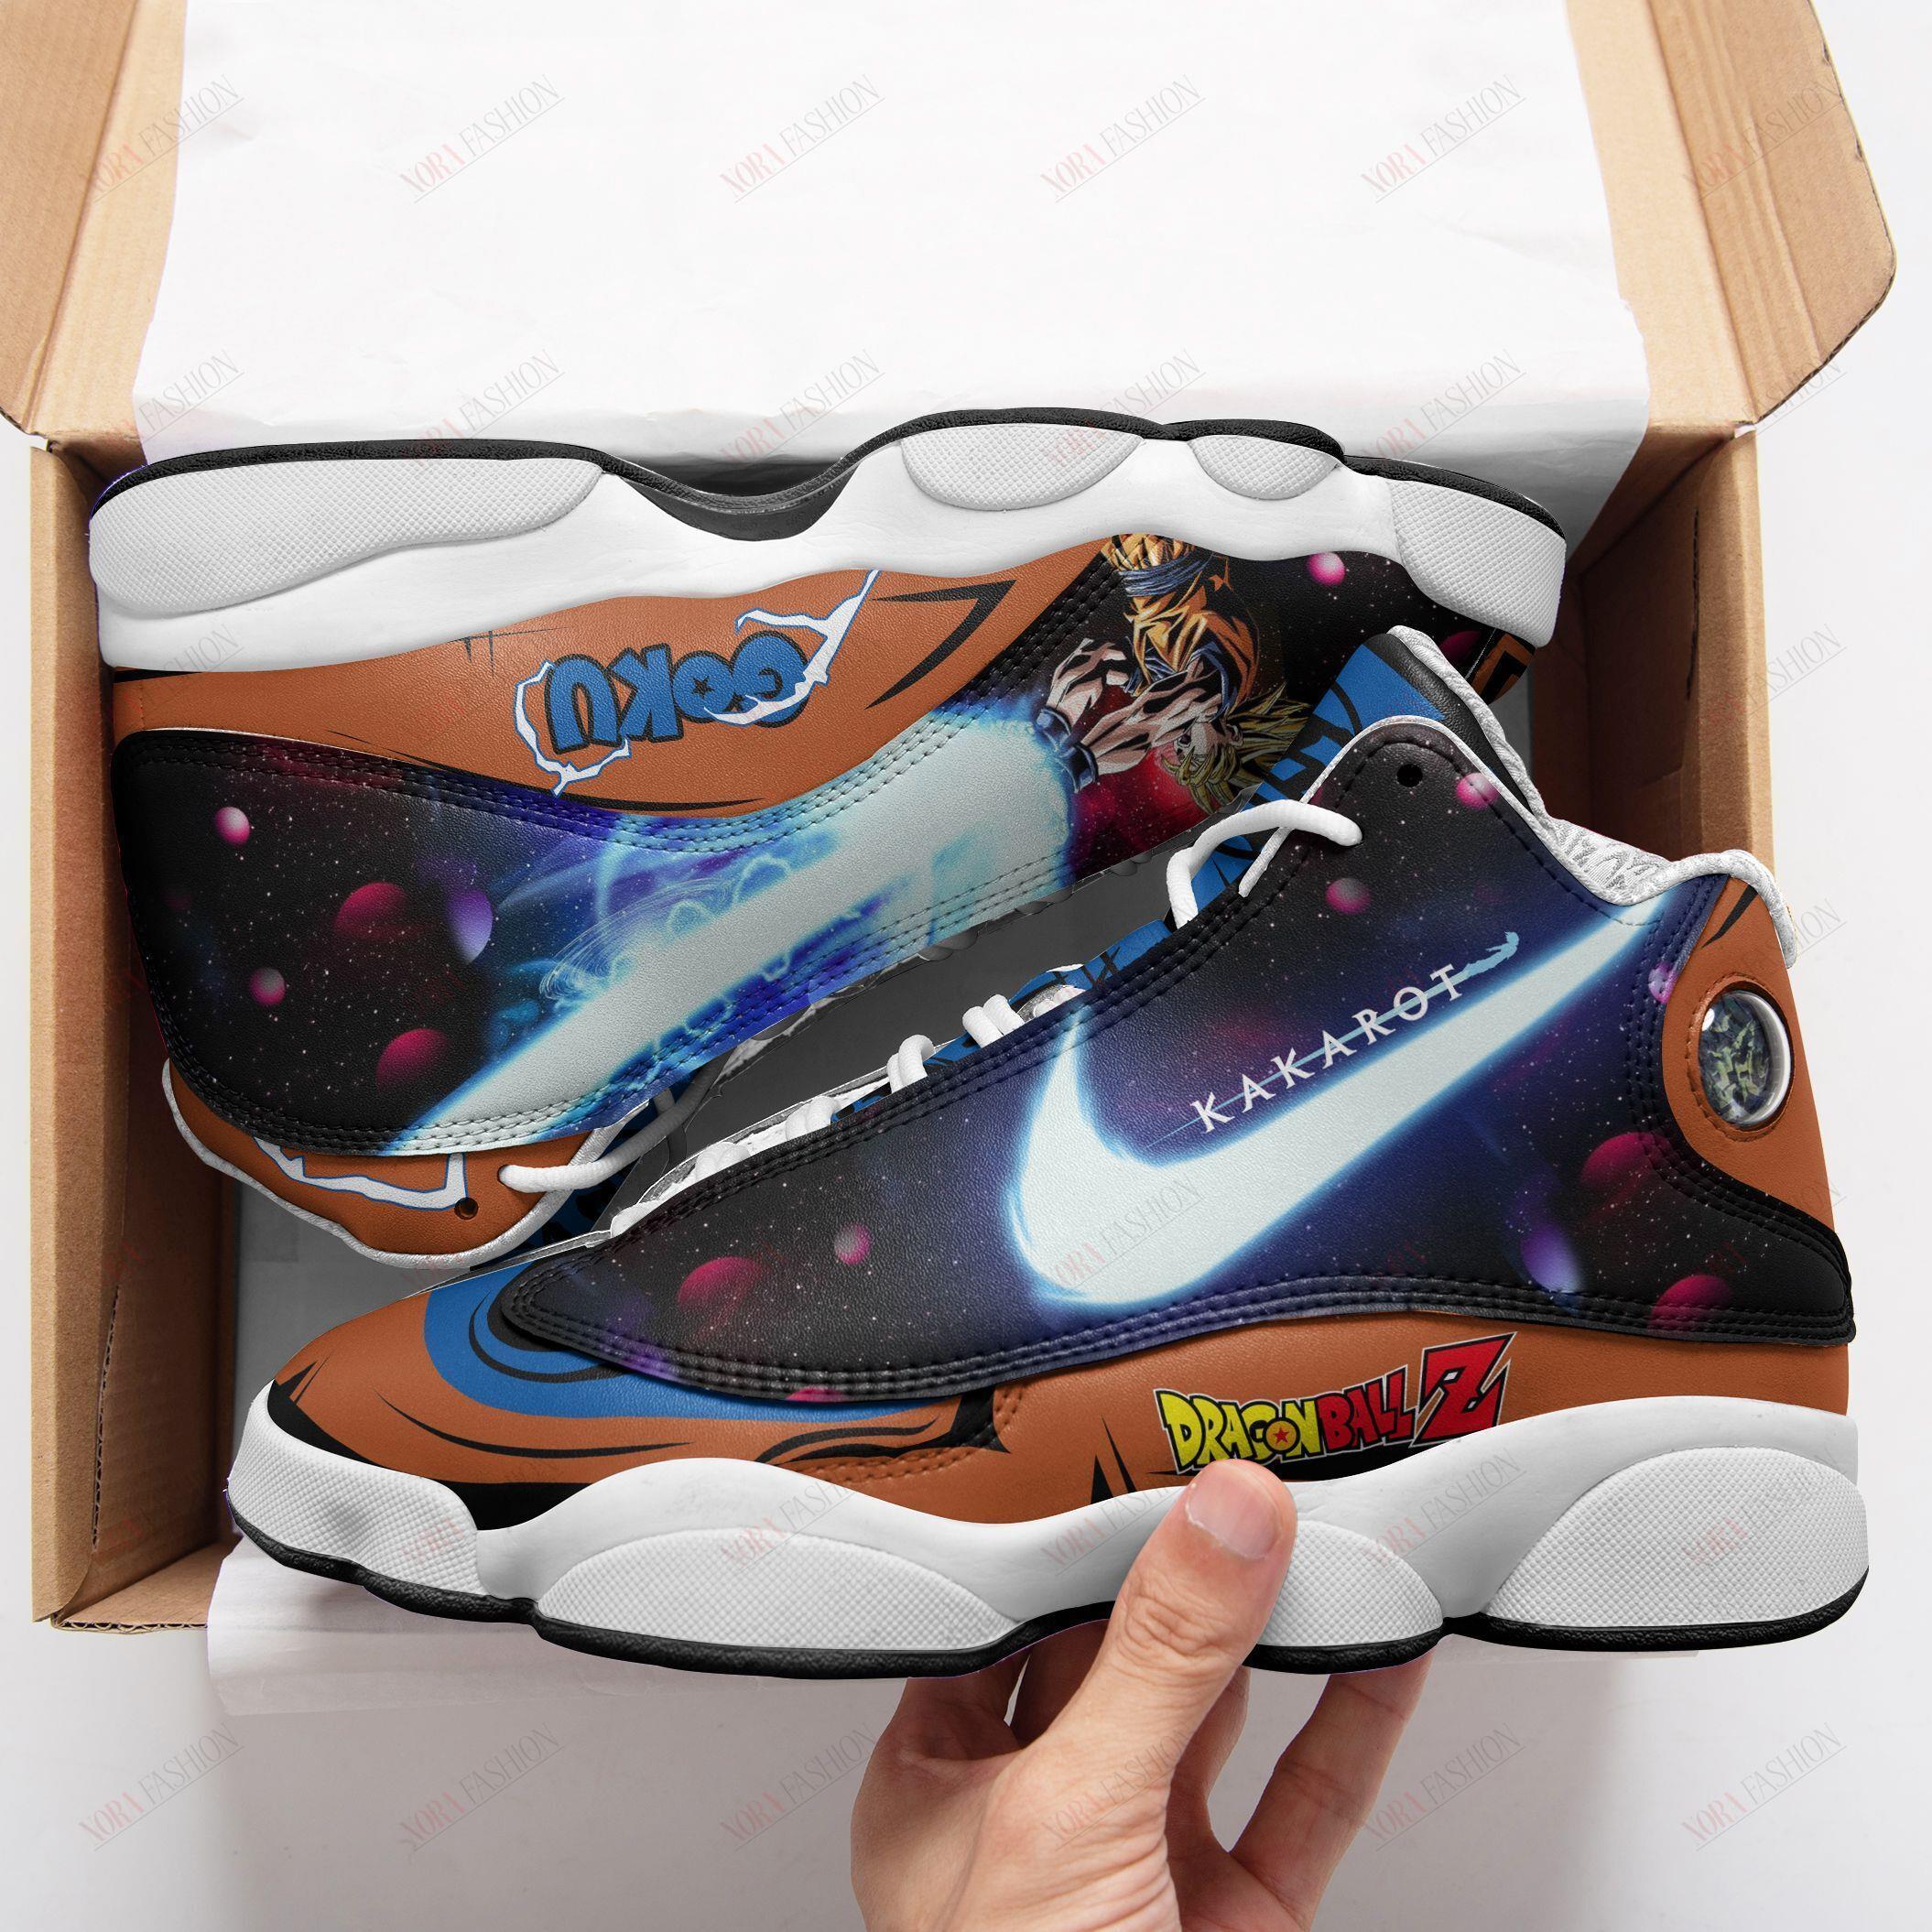 Goku Air Jordan 13 Sneakers Sport Shoes